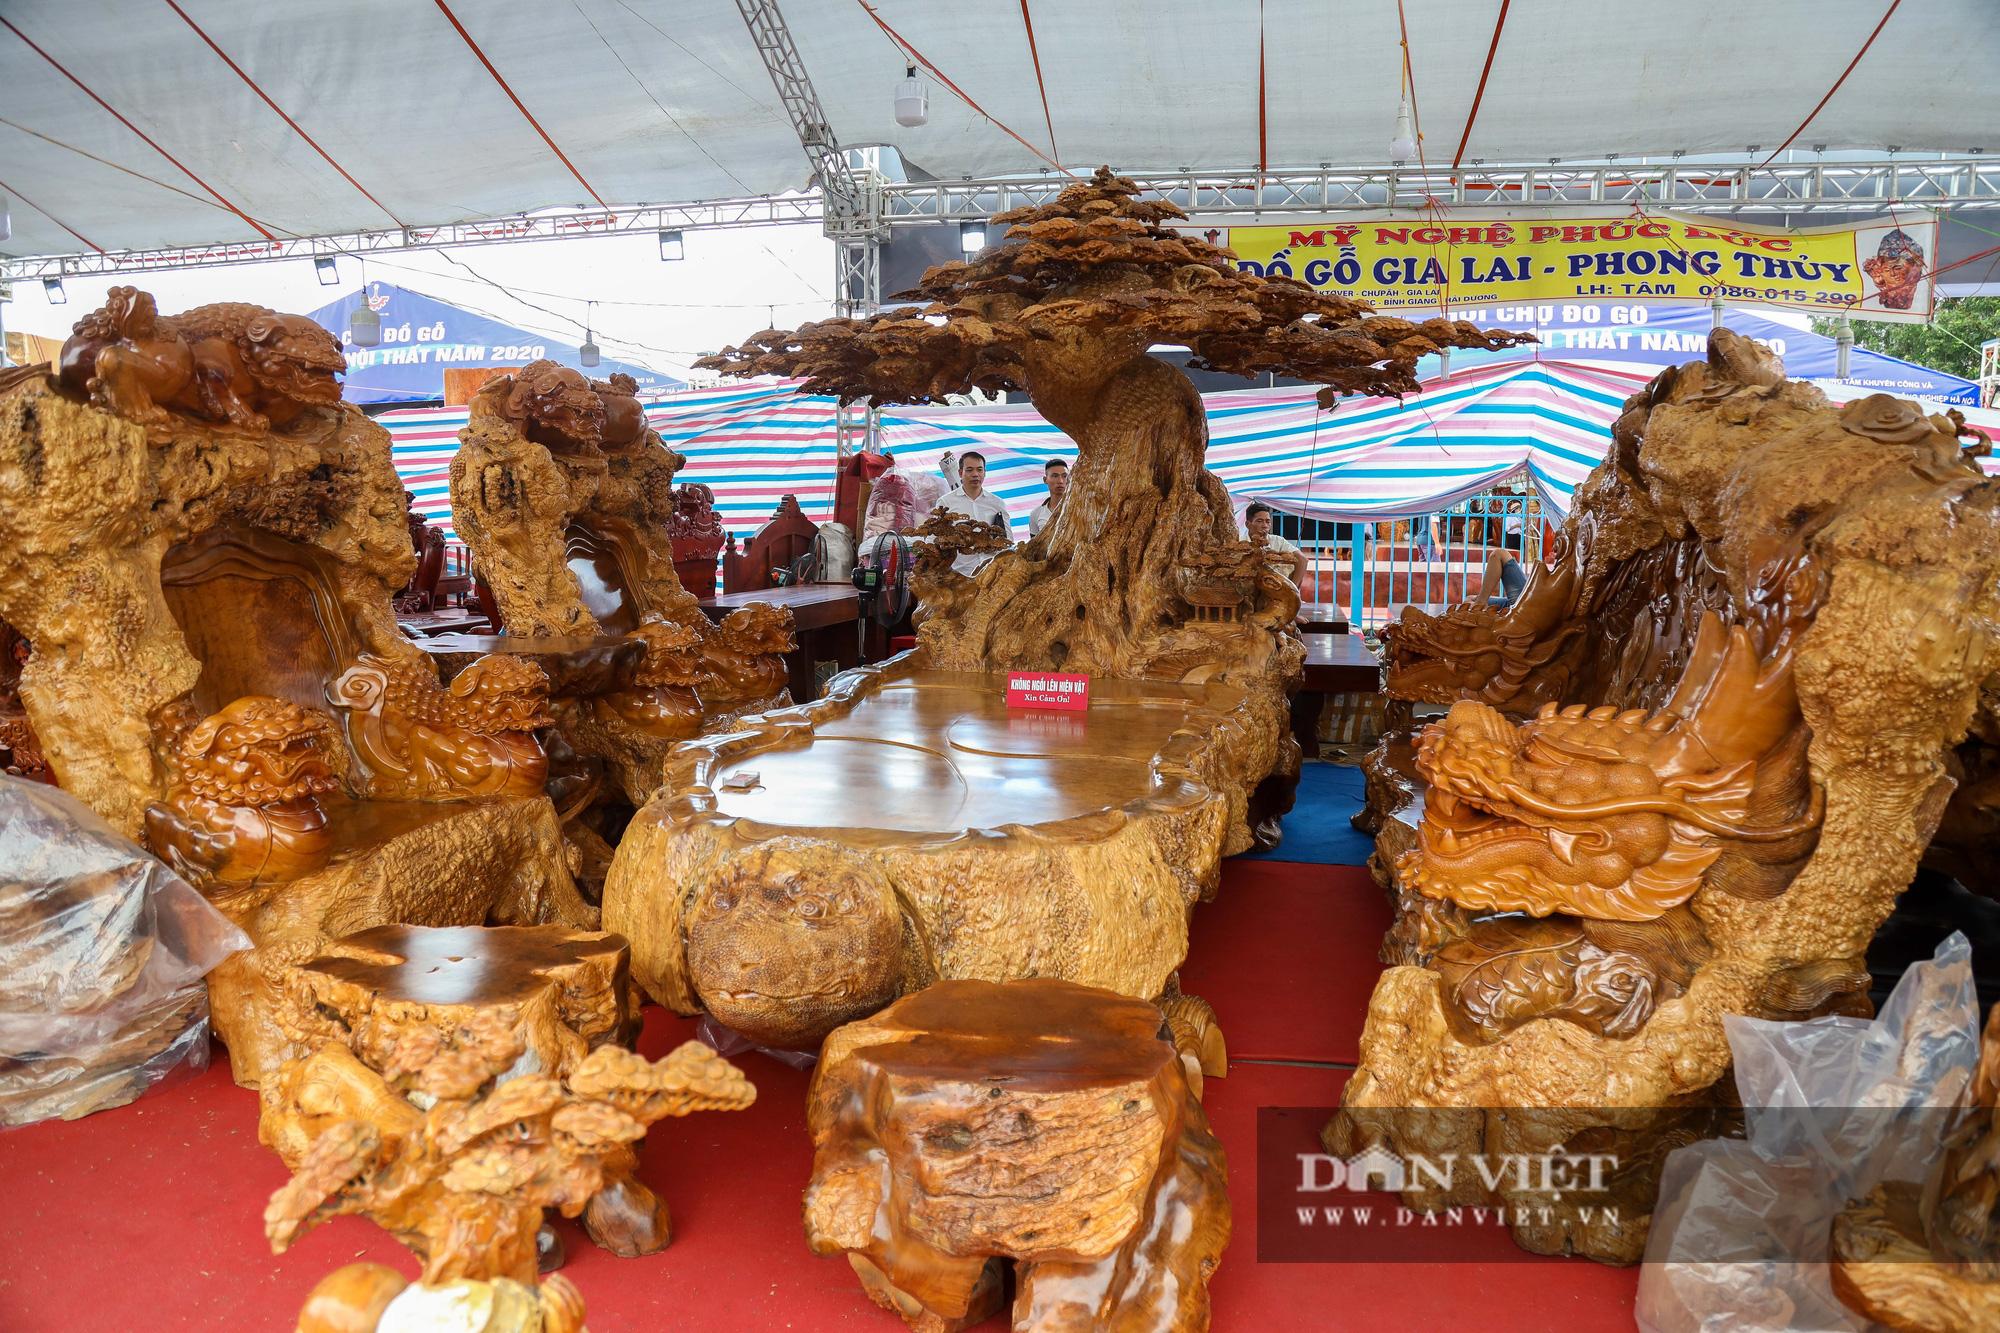 Ngỡ ngàng khúc gỗ 10 tỷ đồng ở hội chợ đồ gỗ Hà Nội - Ảnh 9.